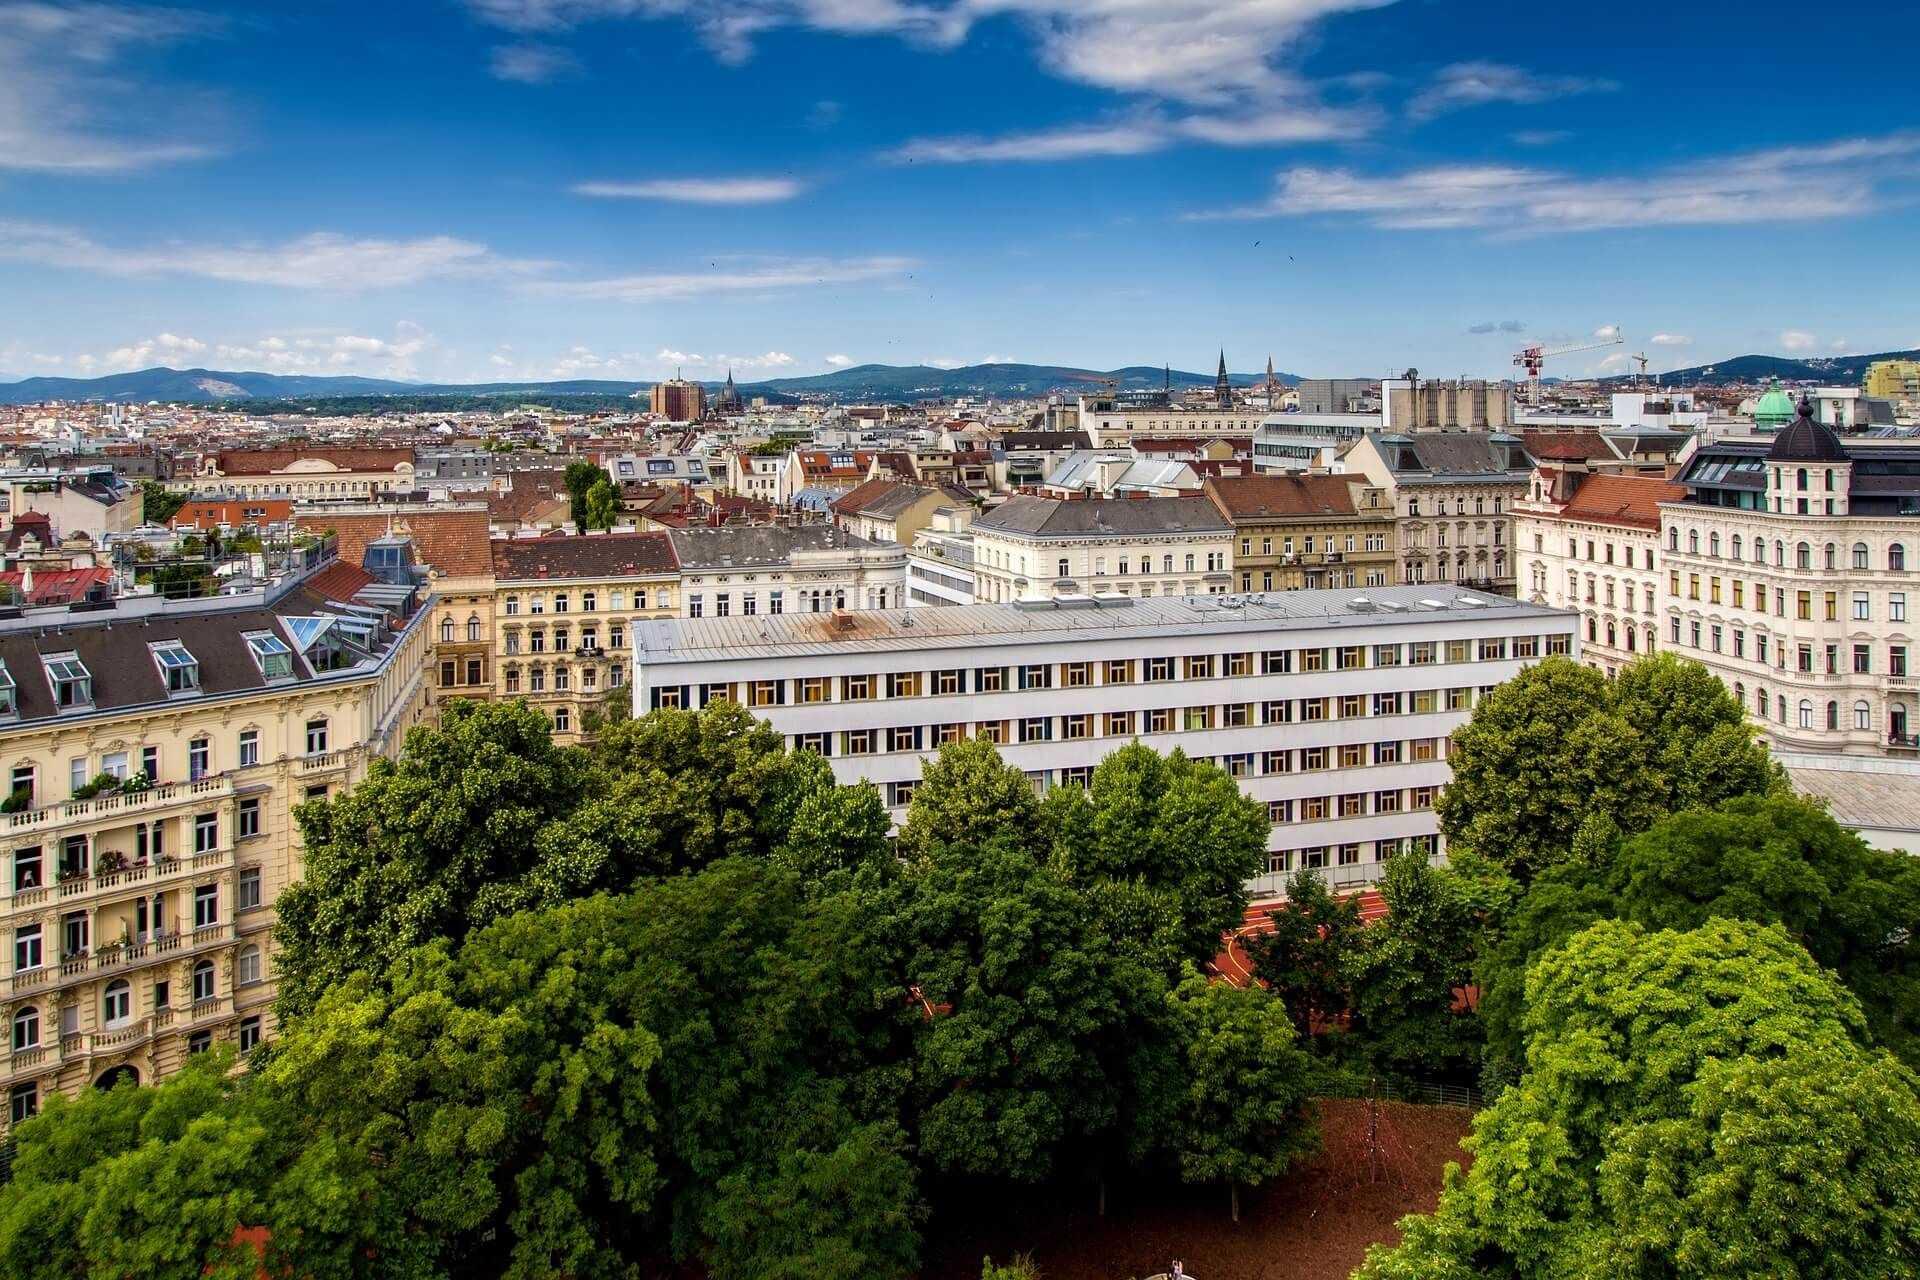 Direktflüge und Billigflüge ab Amsterdam nach Wien